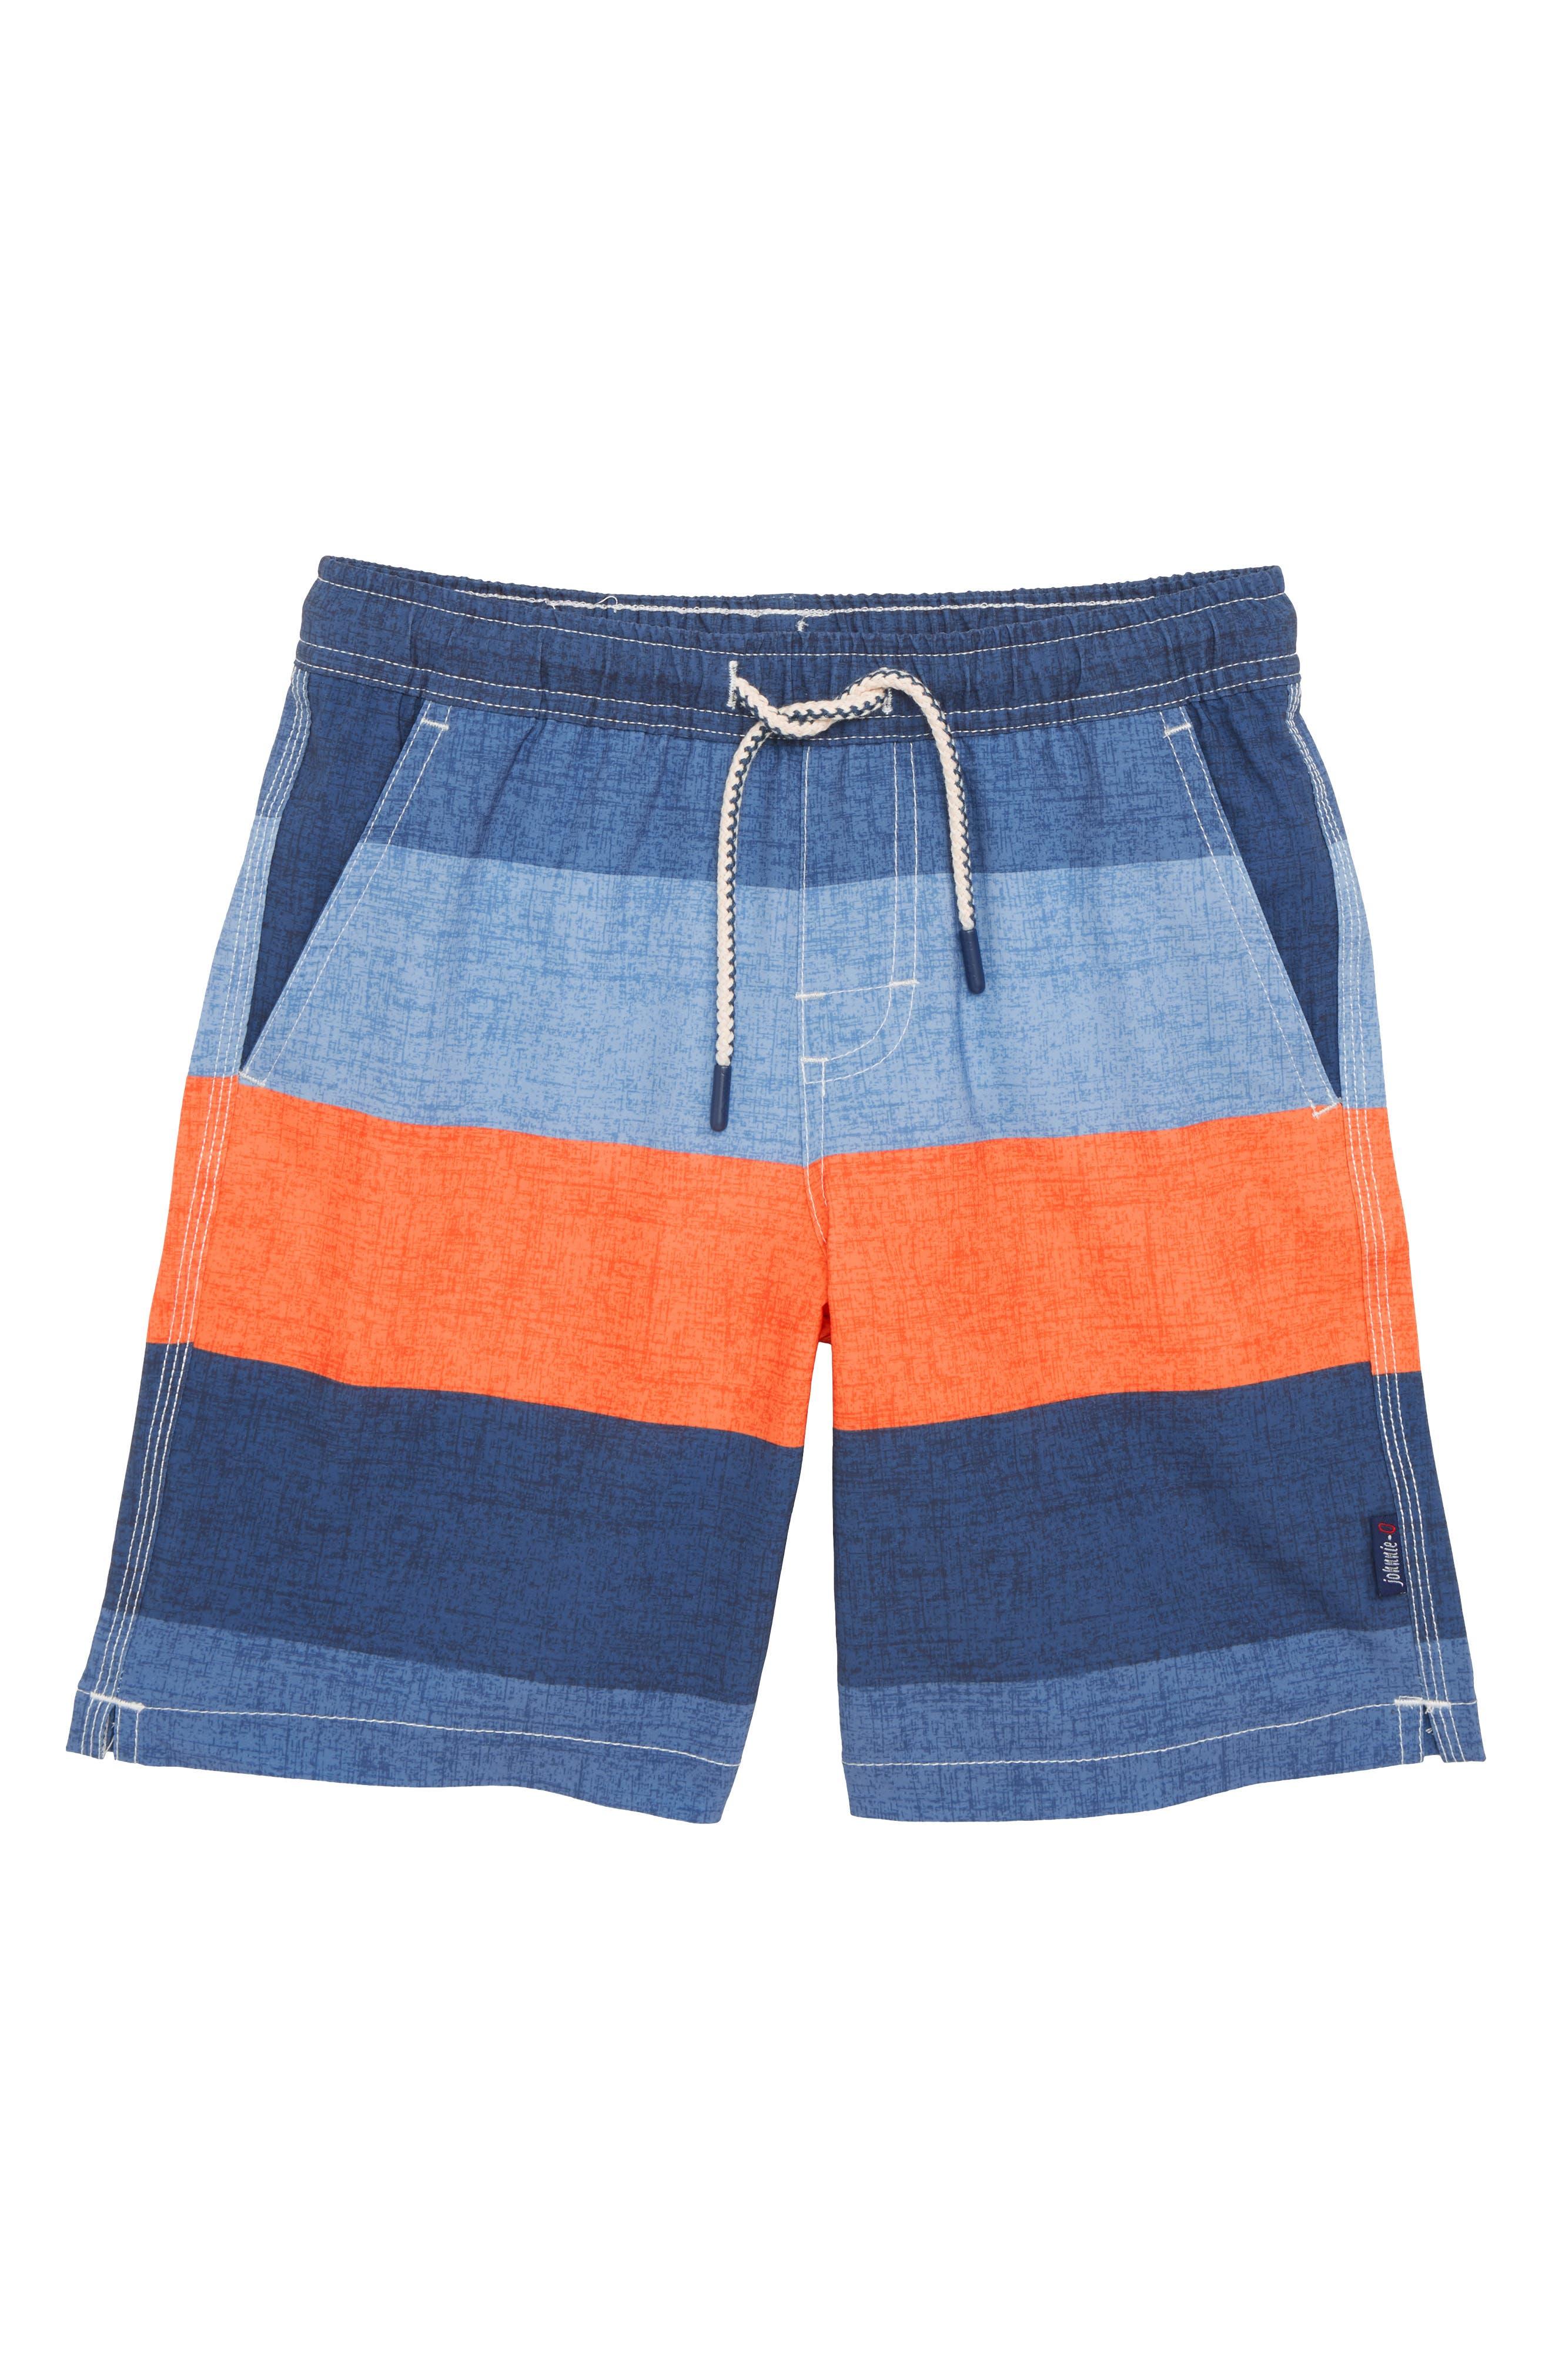 johnnie-o Shore Swim Trunks (Little Boys)